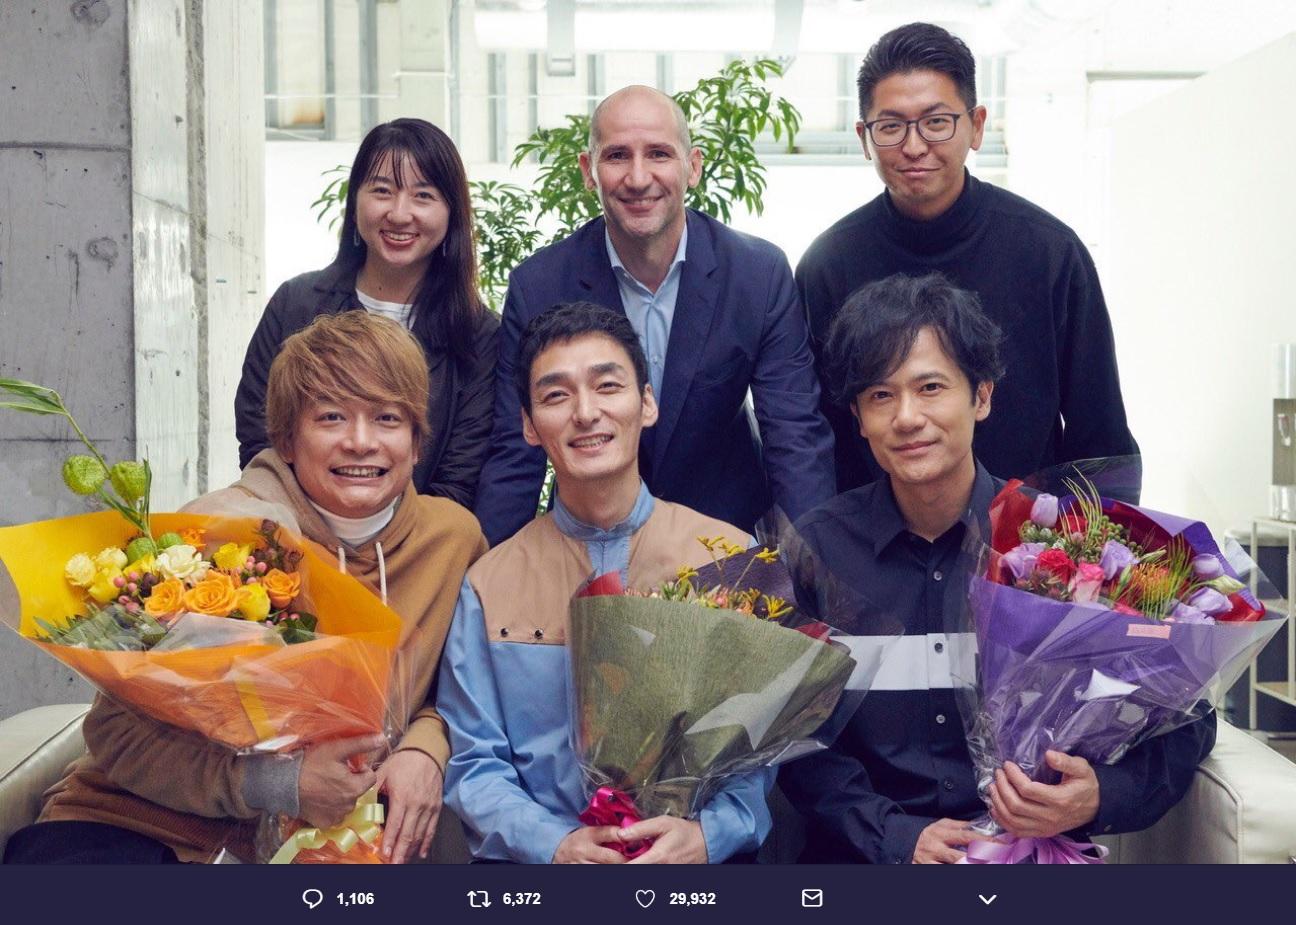 香取慎吾、草なぎ剛、稲垣吾郎とAmazon Music関係者(画像は『草なぎ剛 2018年12月10日付Twitter「We join Amazon Music!」』のスクリーンショット)